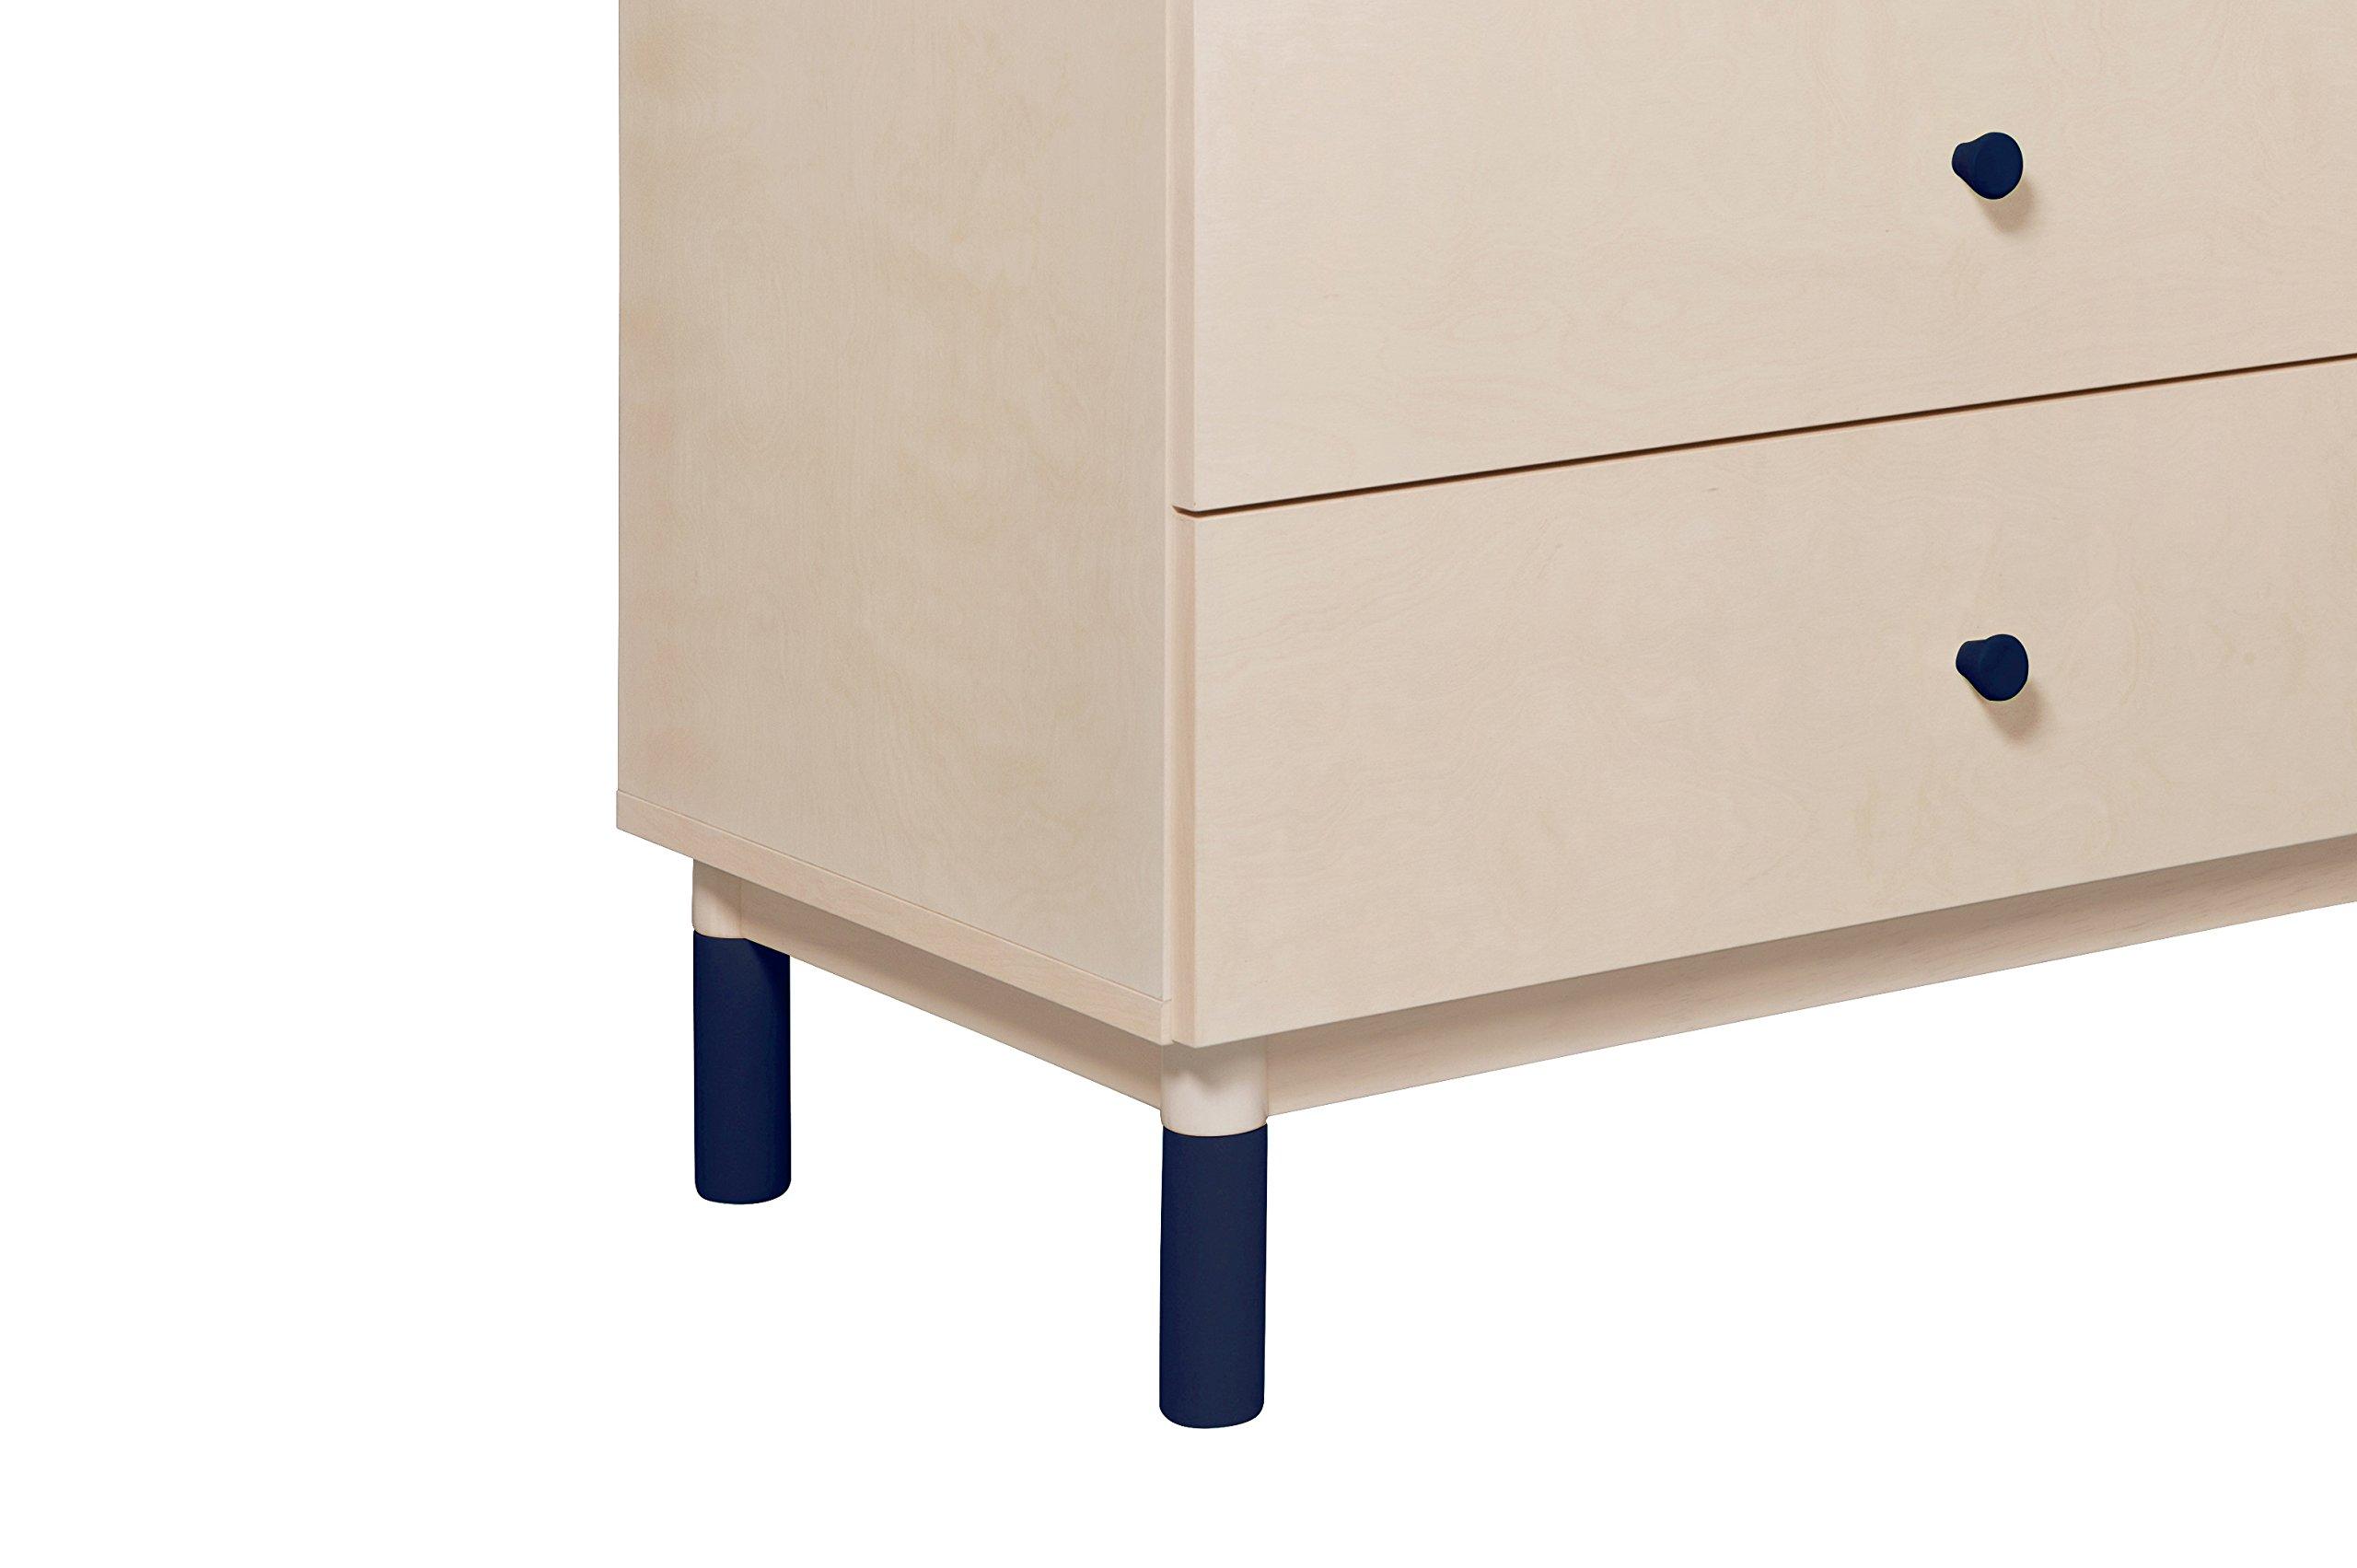 Babyletto Gelato Dresser Knob Set, Navy Blue